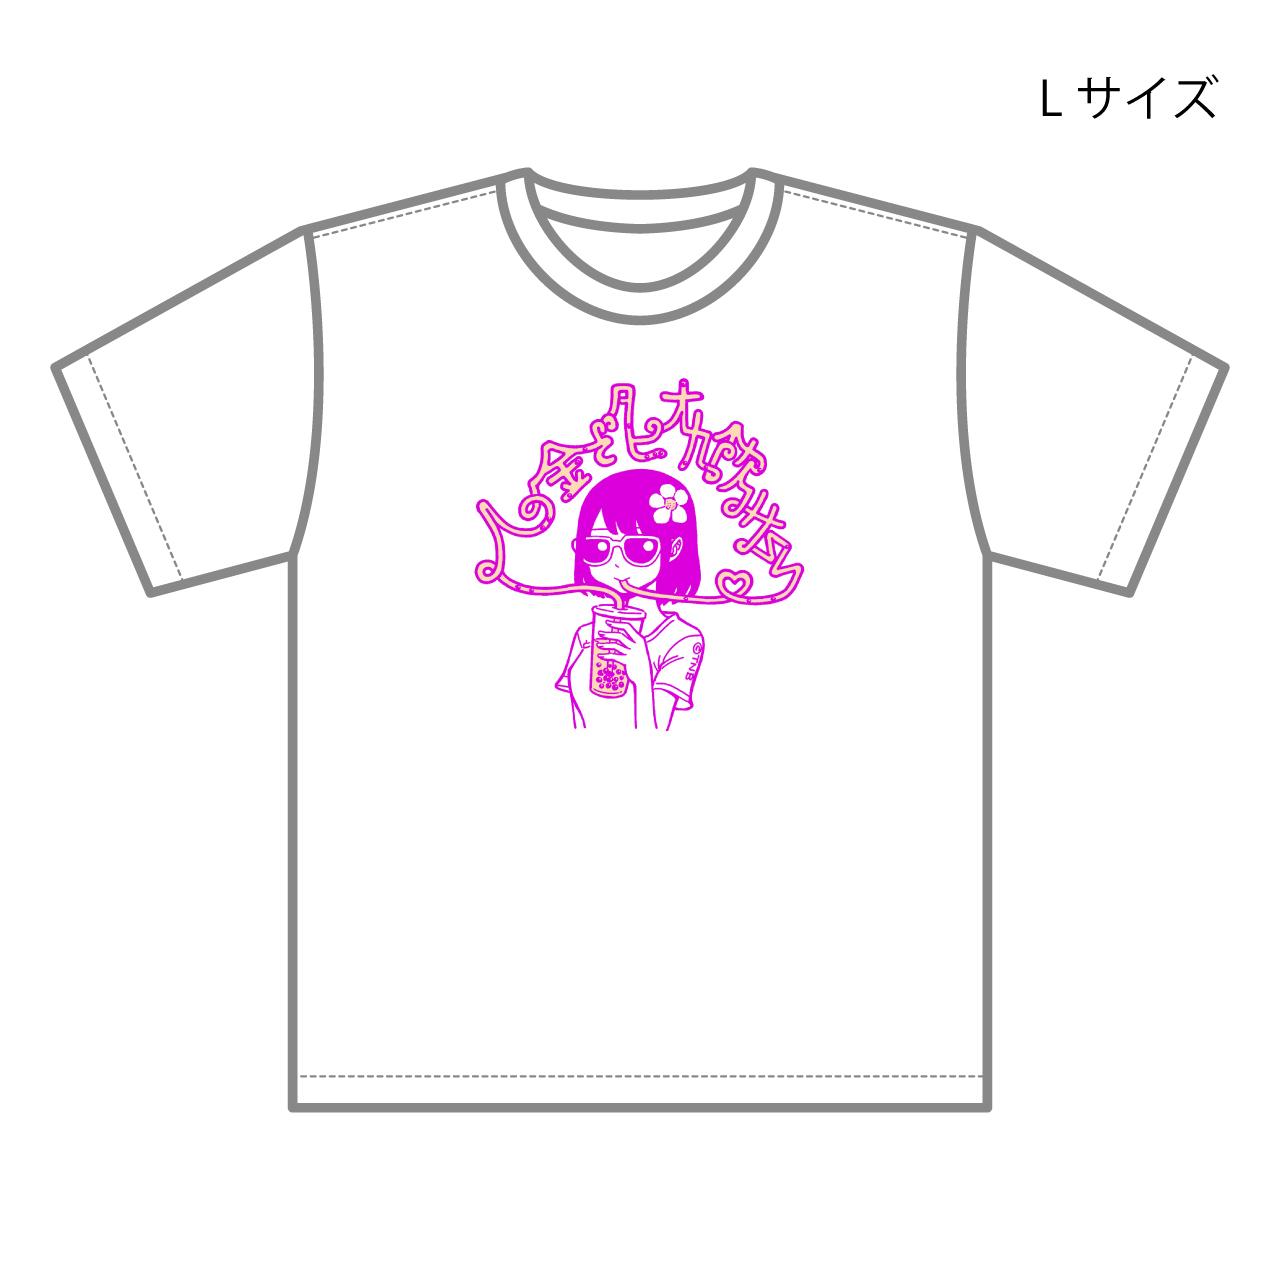 【数量限定】TOKYO TAPIOCA LAND 田辺洋一郎×劇場版ゴキゲン帝国/人の金でタピオカ飲みたいTシャツ/サイズL